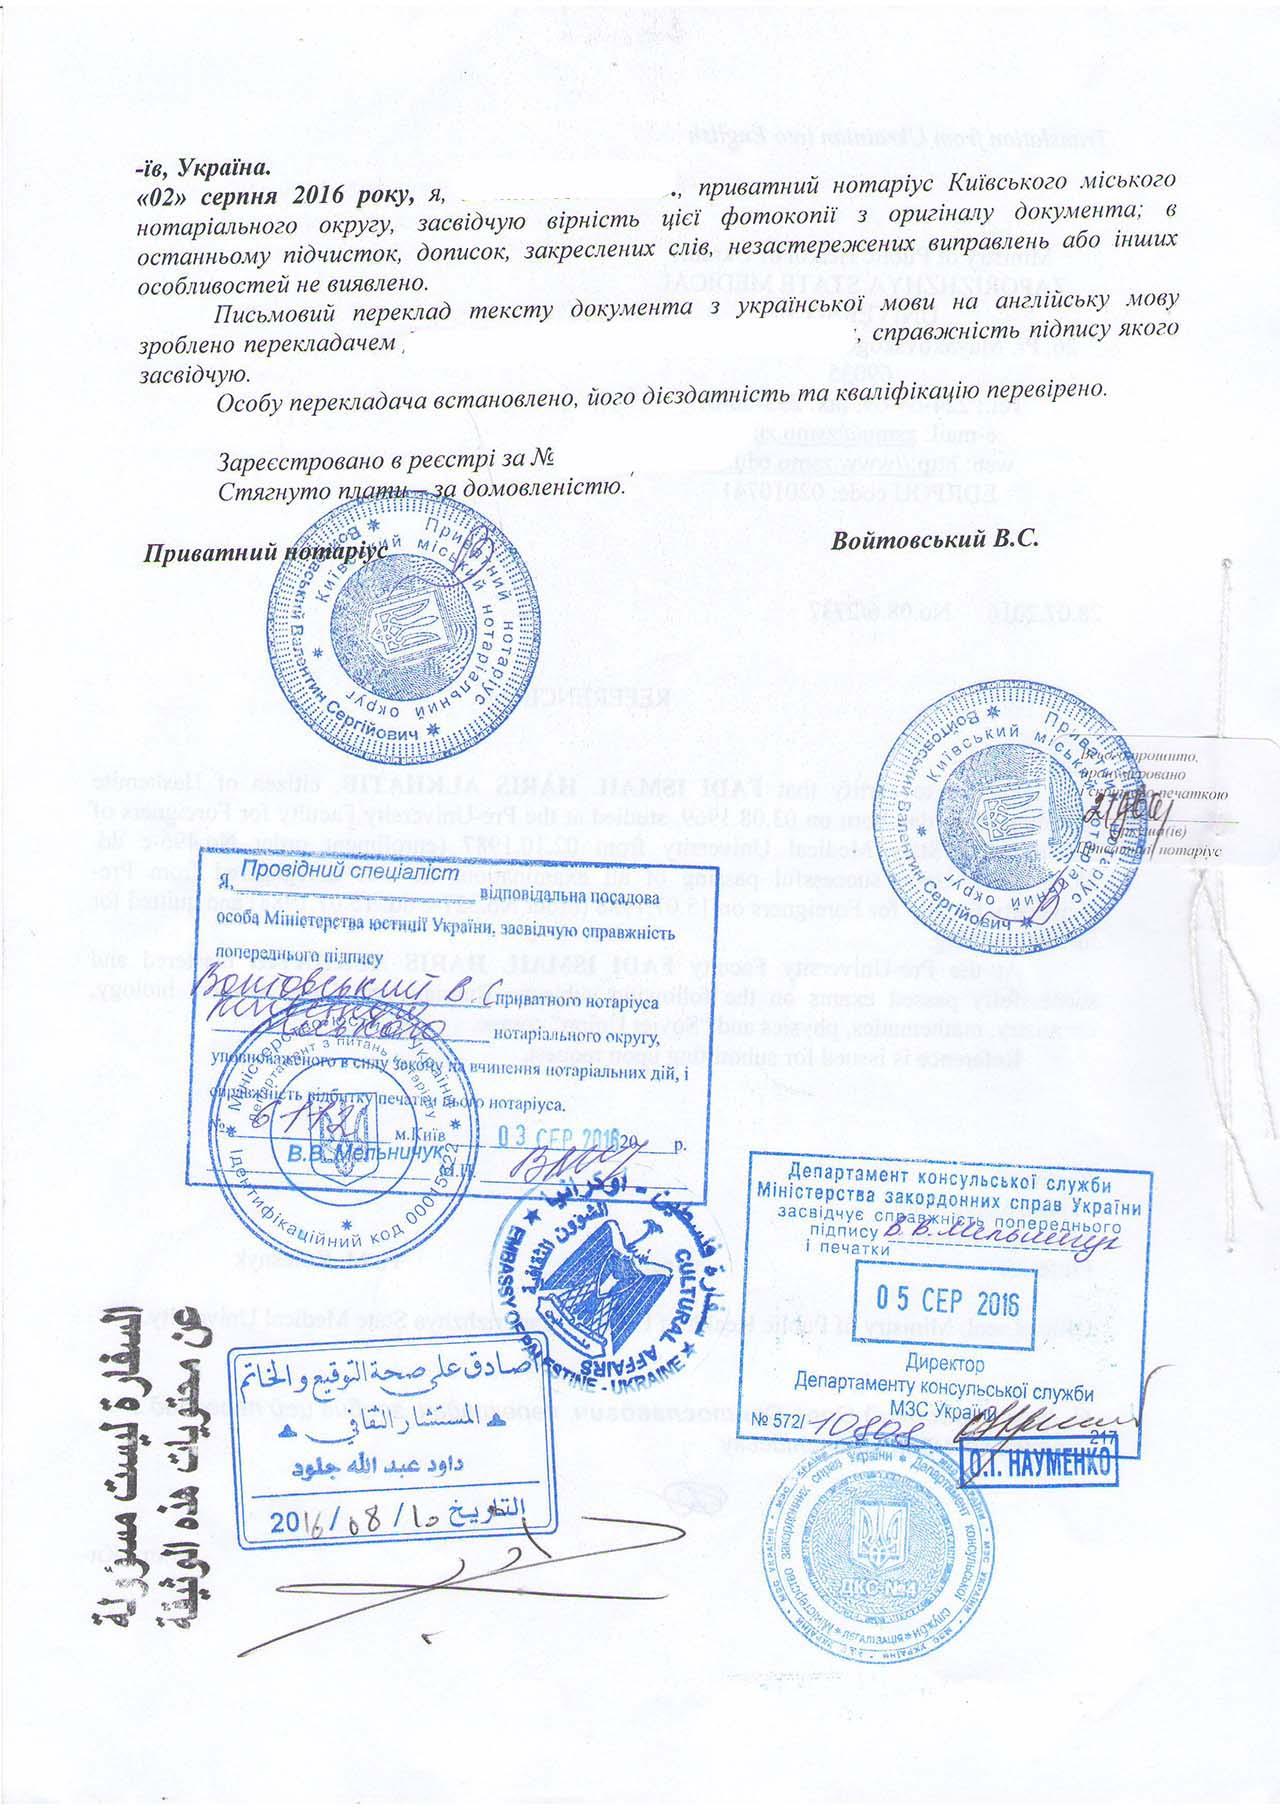 Образец консульской легализации для Палестины - Справка Информ